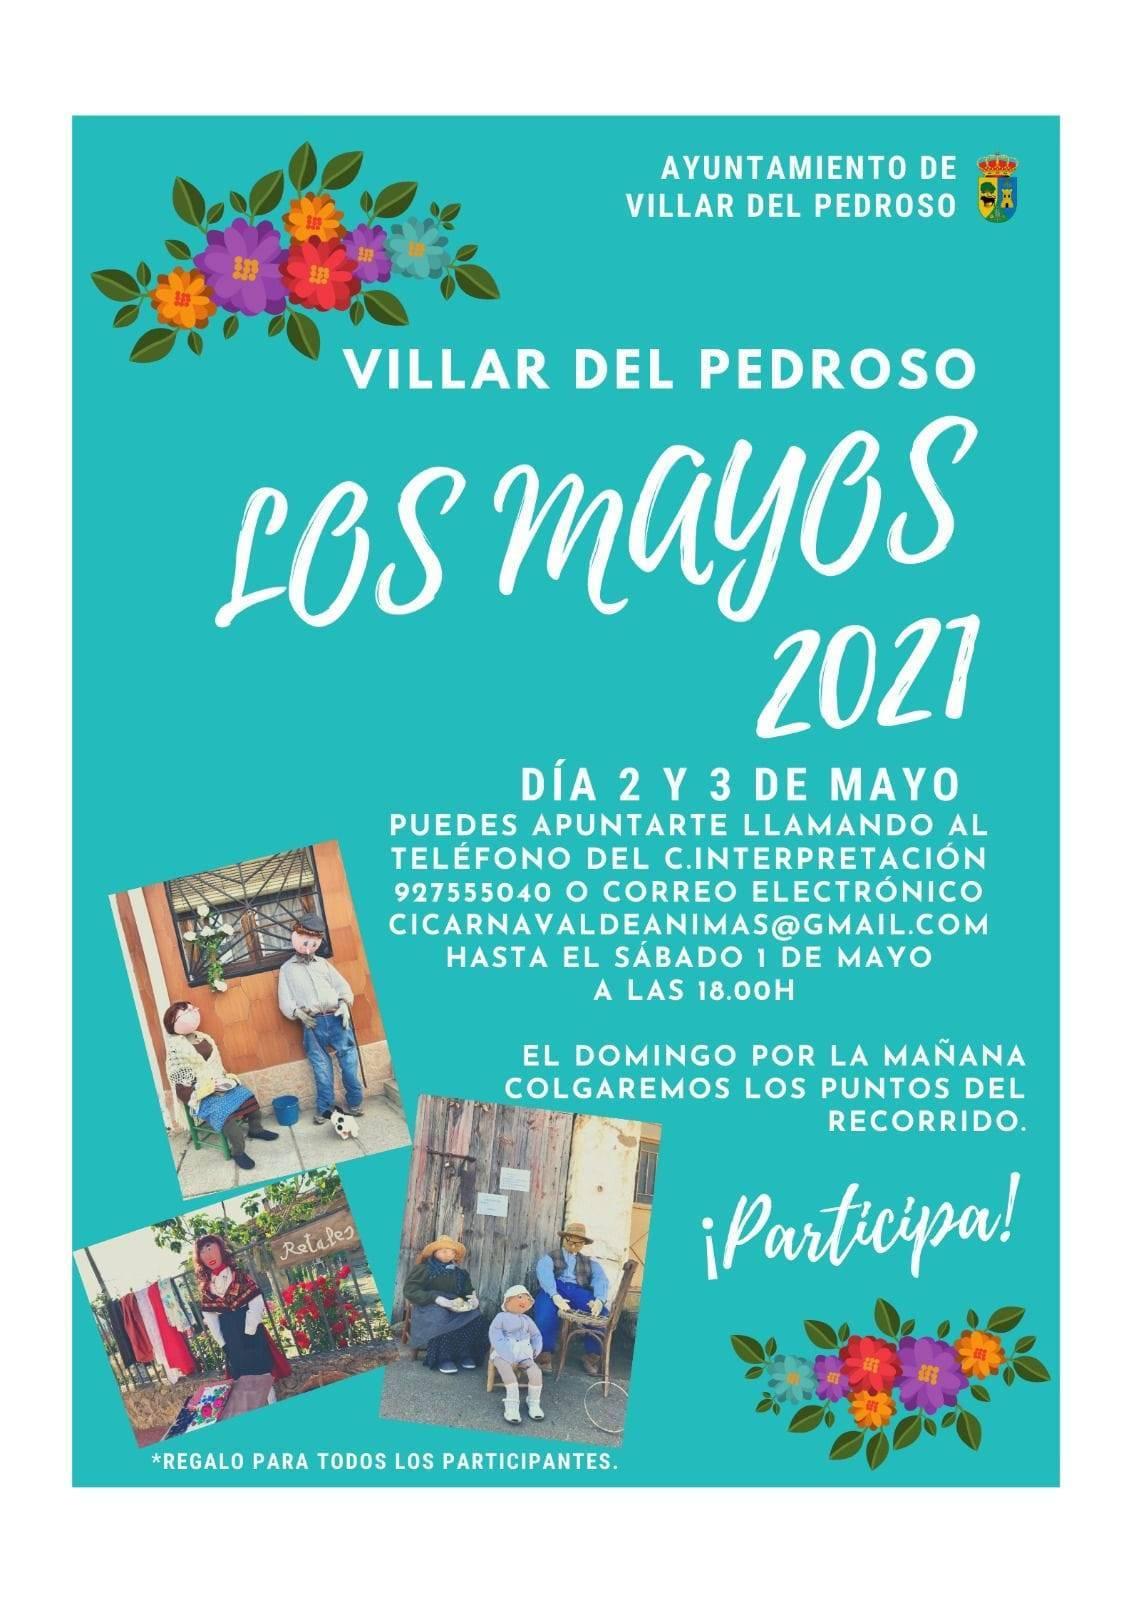 Los Mayos (2021) - Villar del Pedroso (Cáceres)